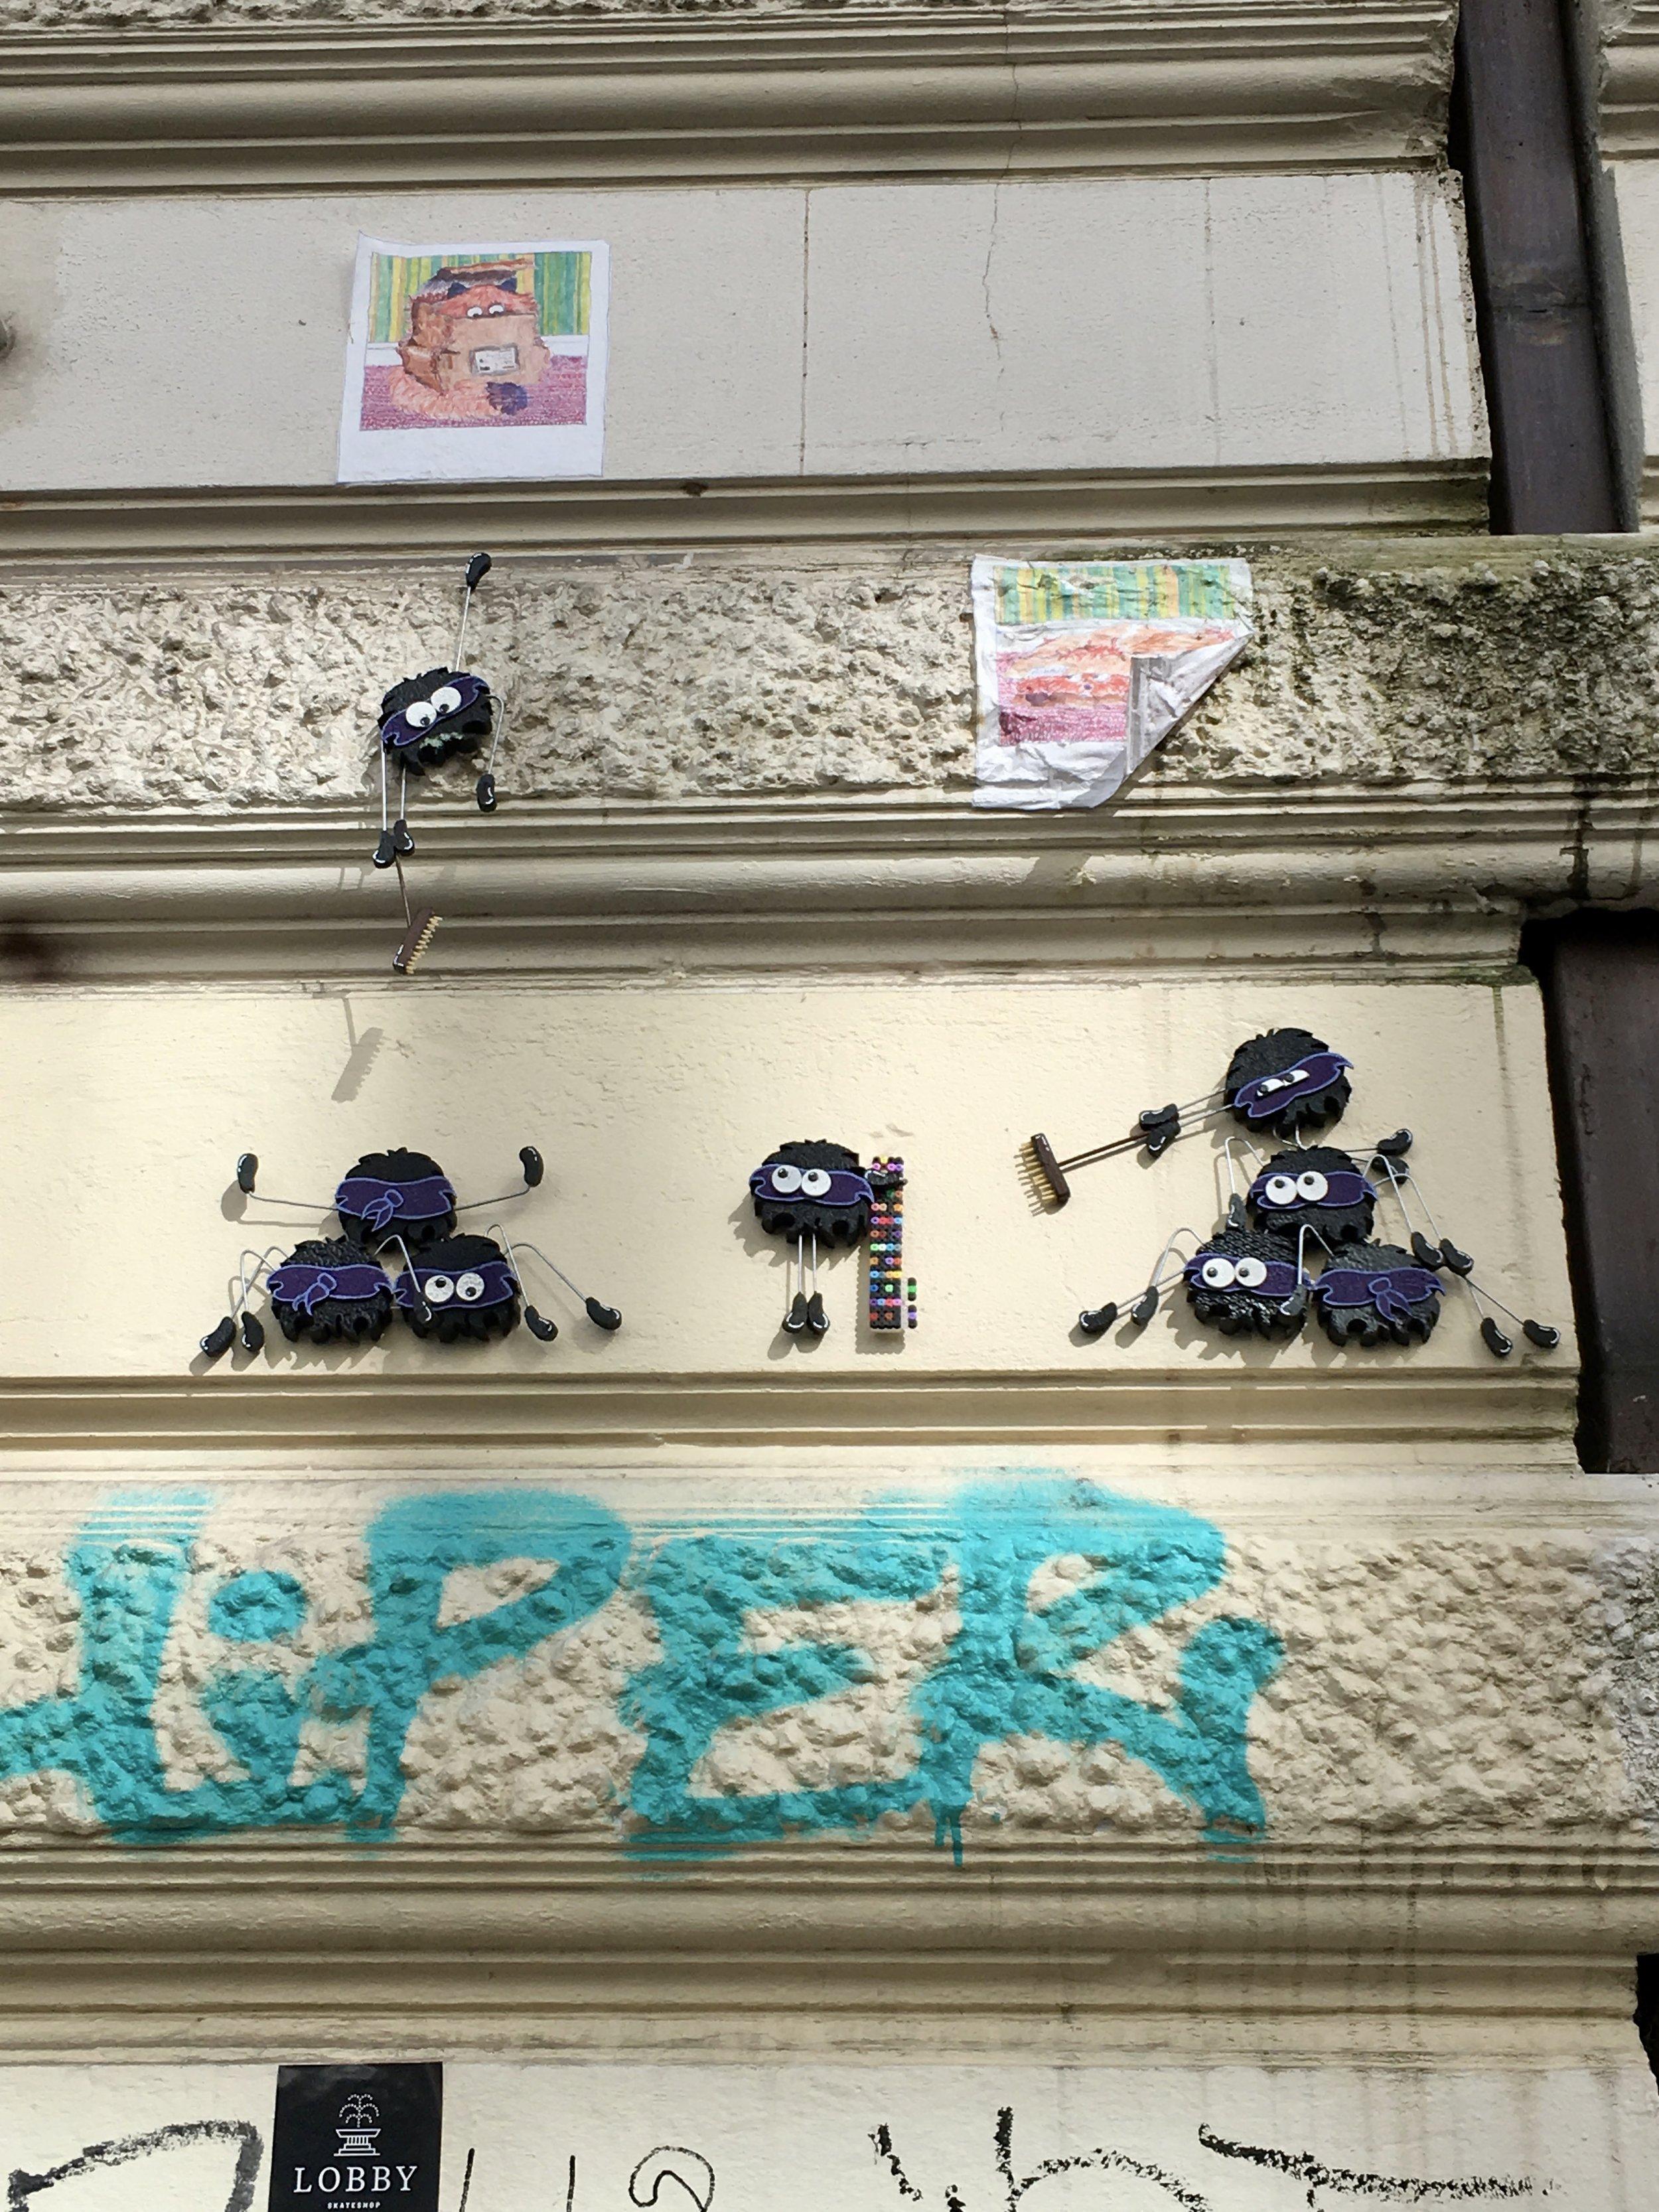 Fun street art in Sternschanze